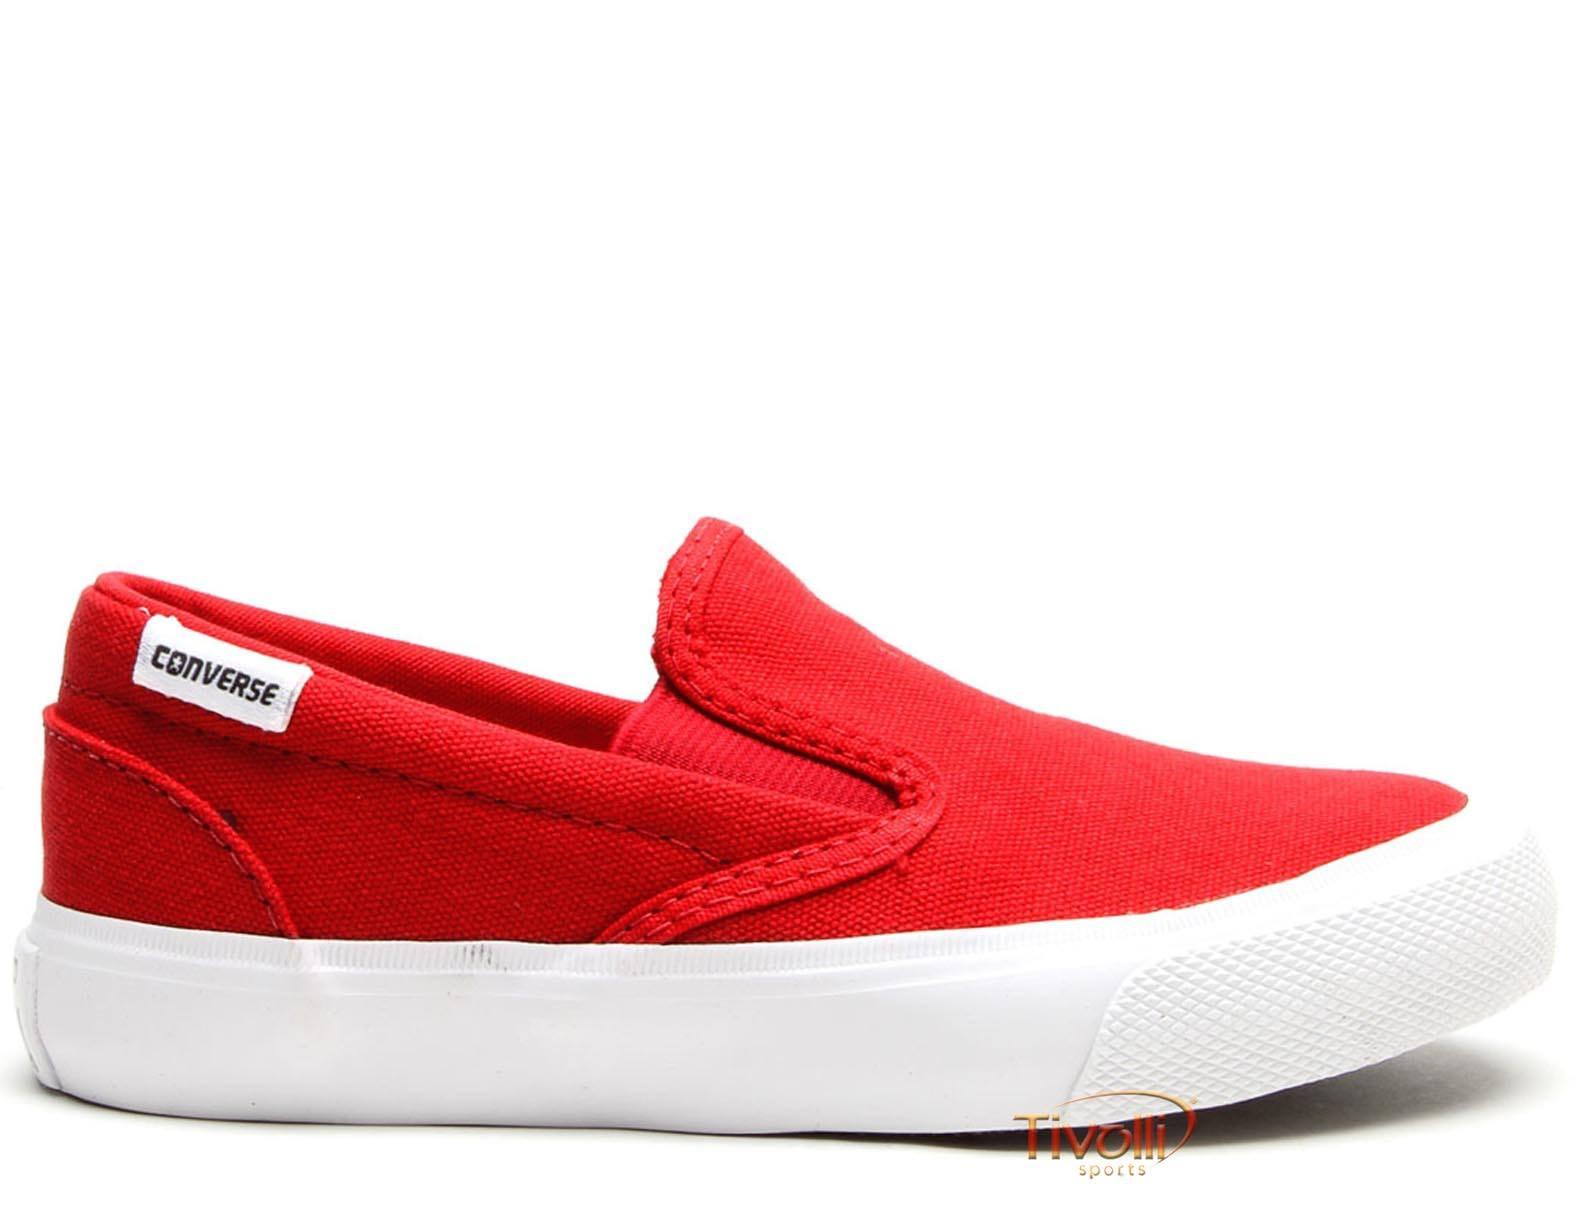 397439b8434 Tênis All Star Converse Core Slip Infantil tam. 26 ao 33 Vermelho e Branco